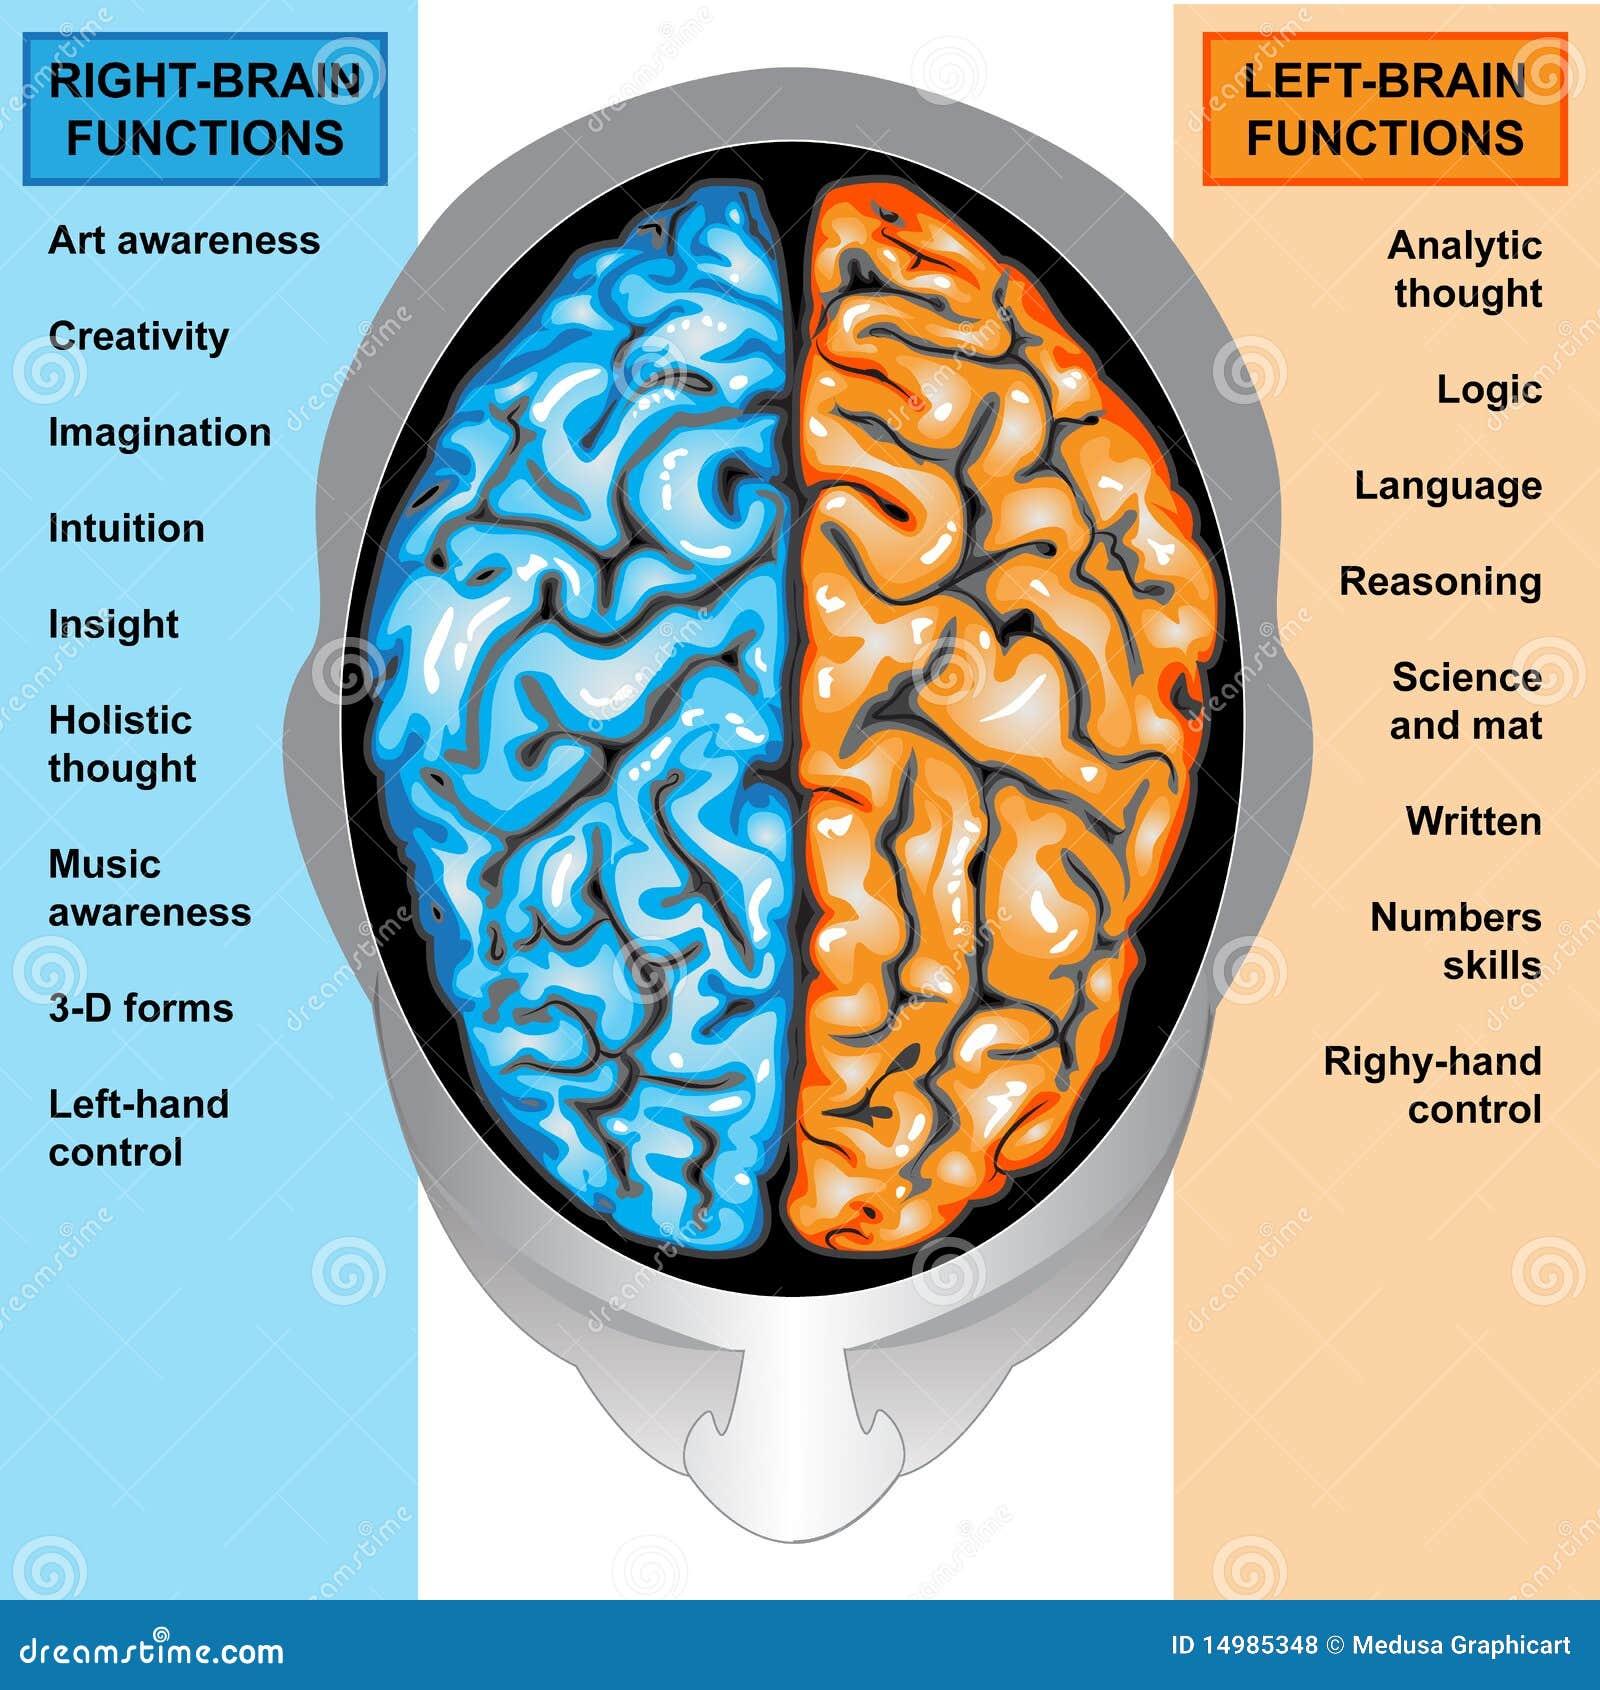 Funções deixadas e direitas do cérebro humano